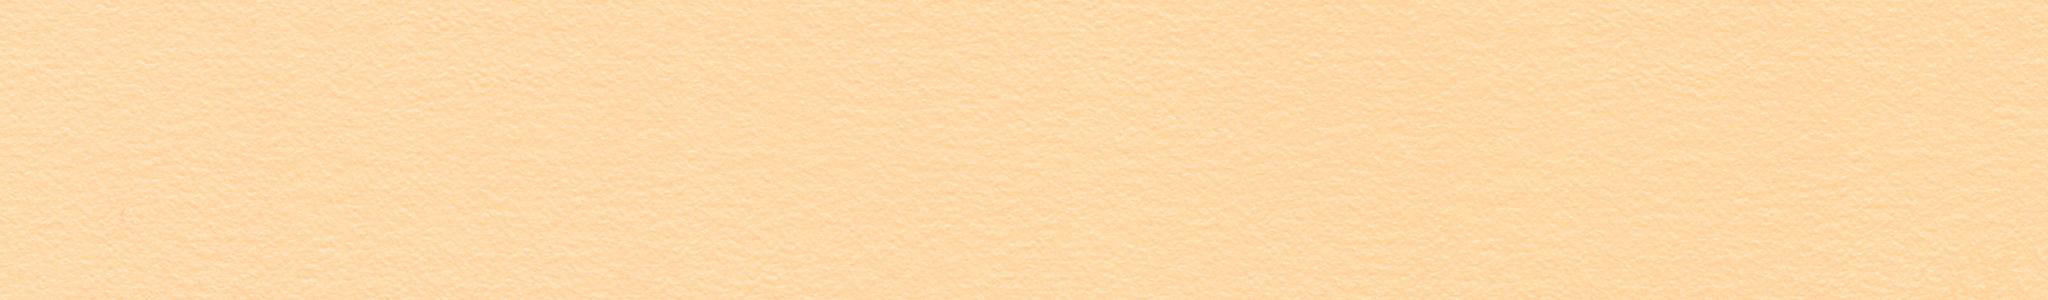 HU 140437 кромка ABS оранжевая жемчуг тонкая структура 107